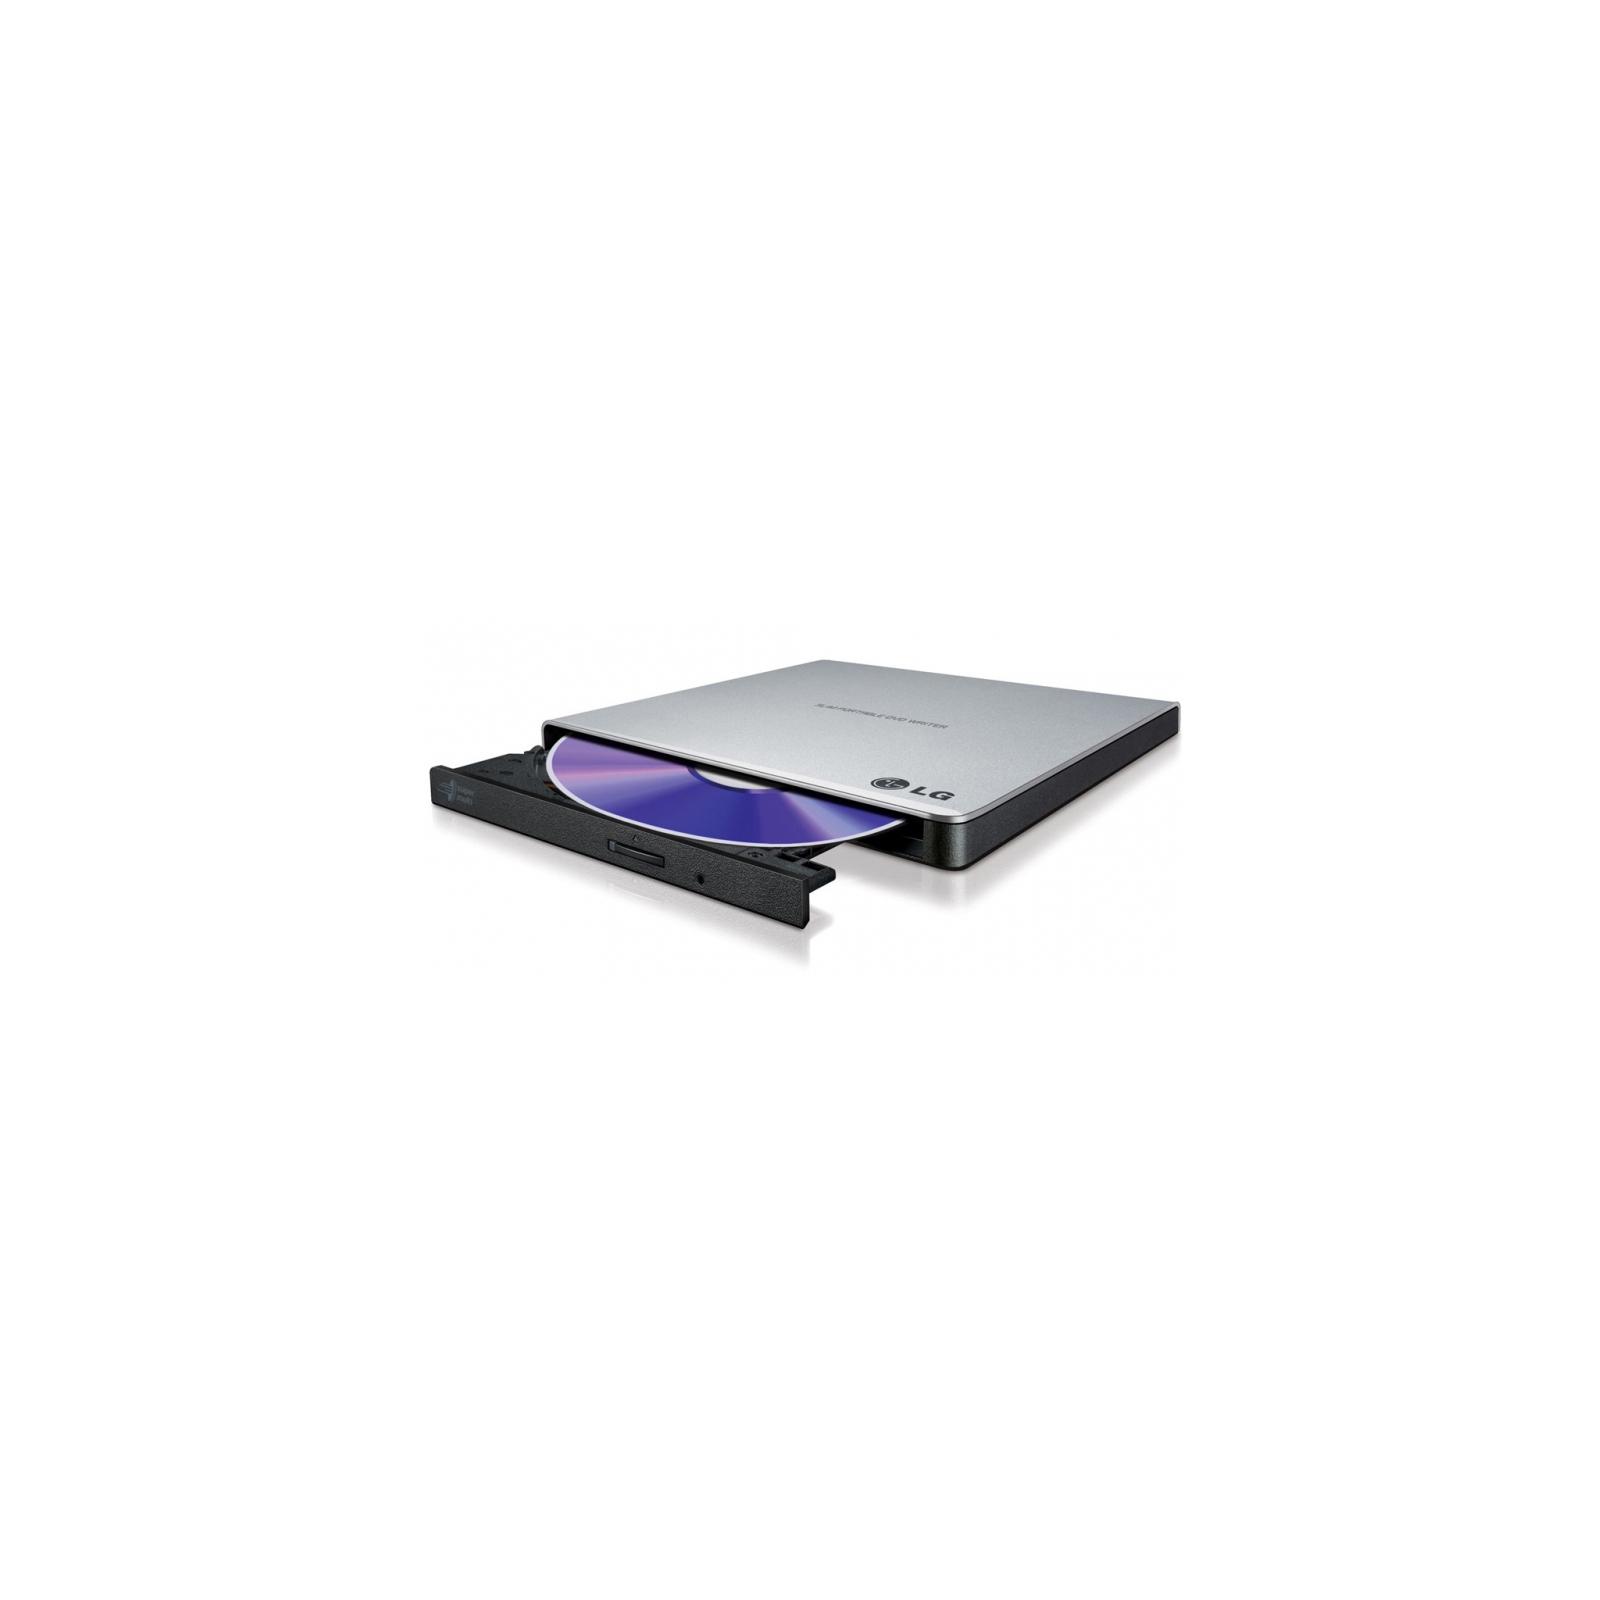 Оптический привод DVD±RW LG ODD GP57ES40 изображение 2